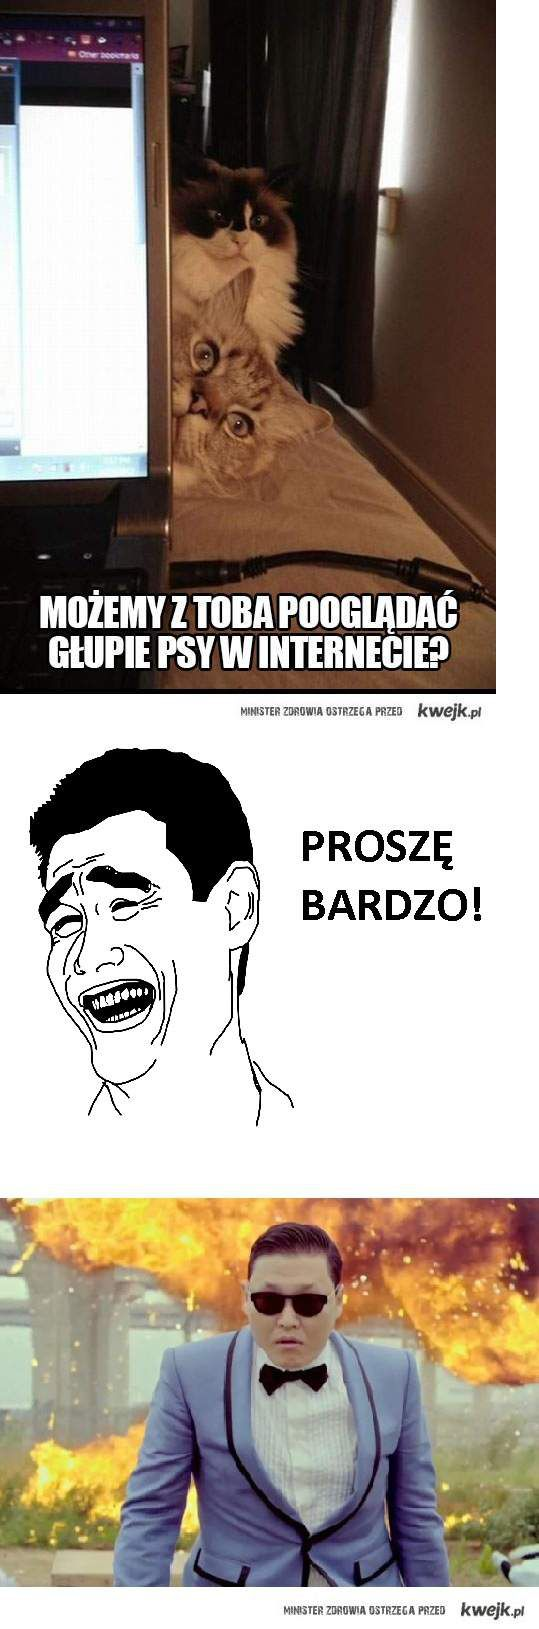 Głupie PSY